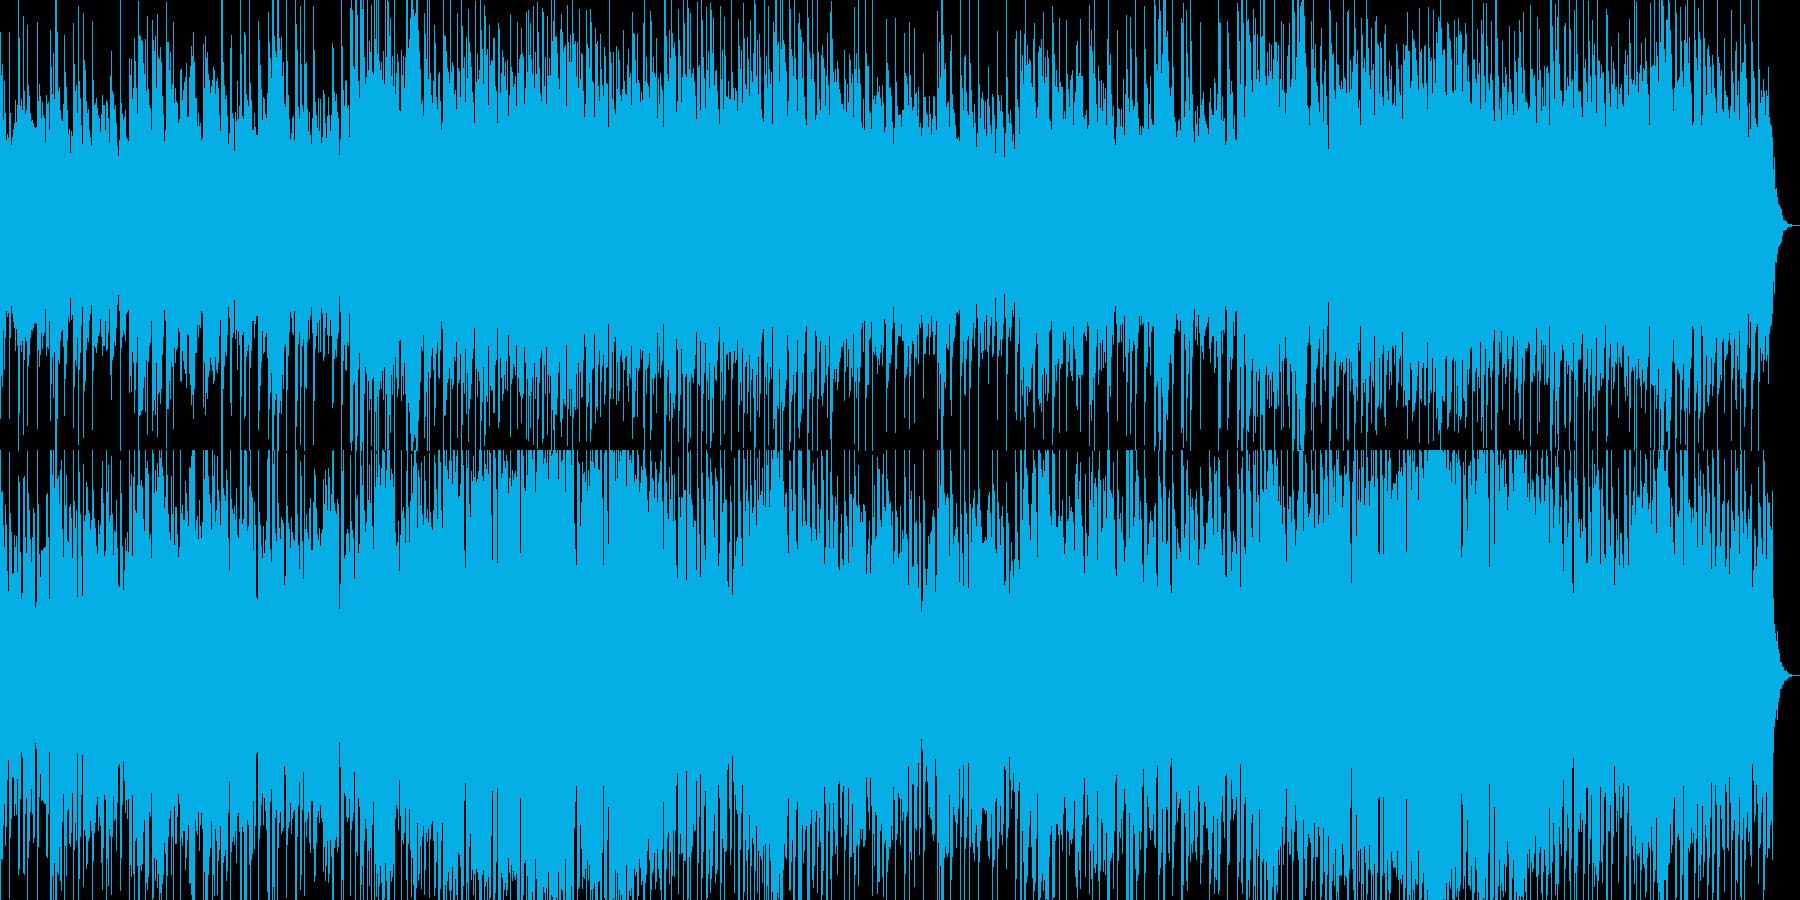 眠りを誘うオルゴールの再生済みの波形